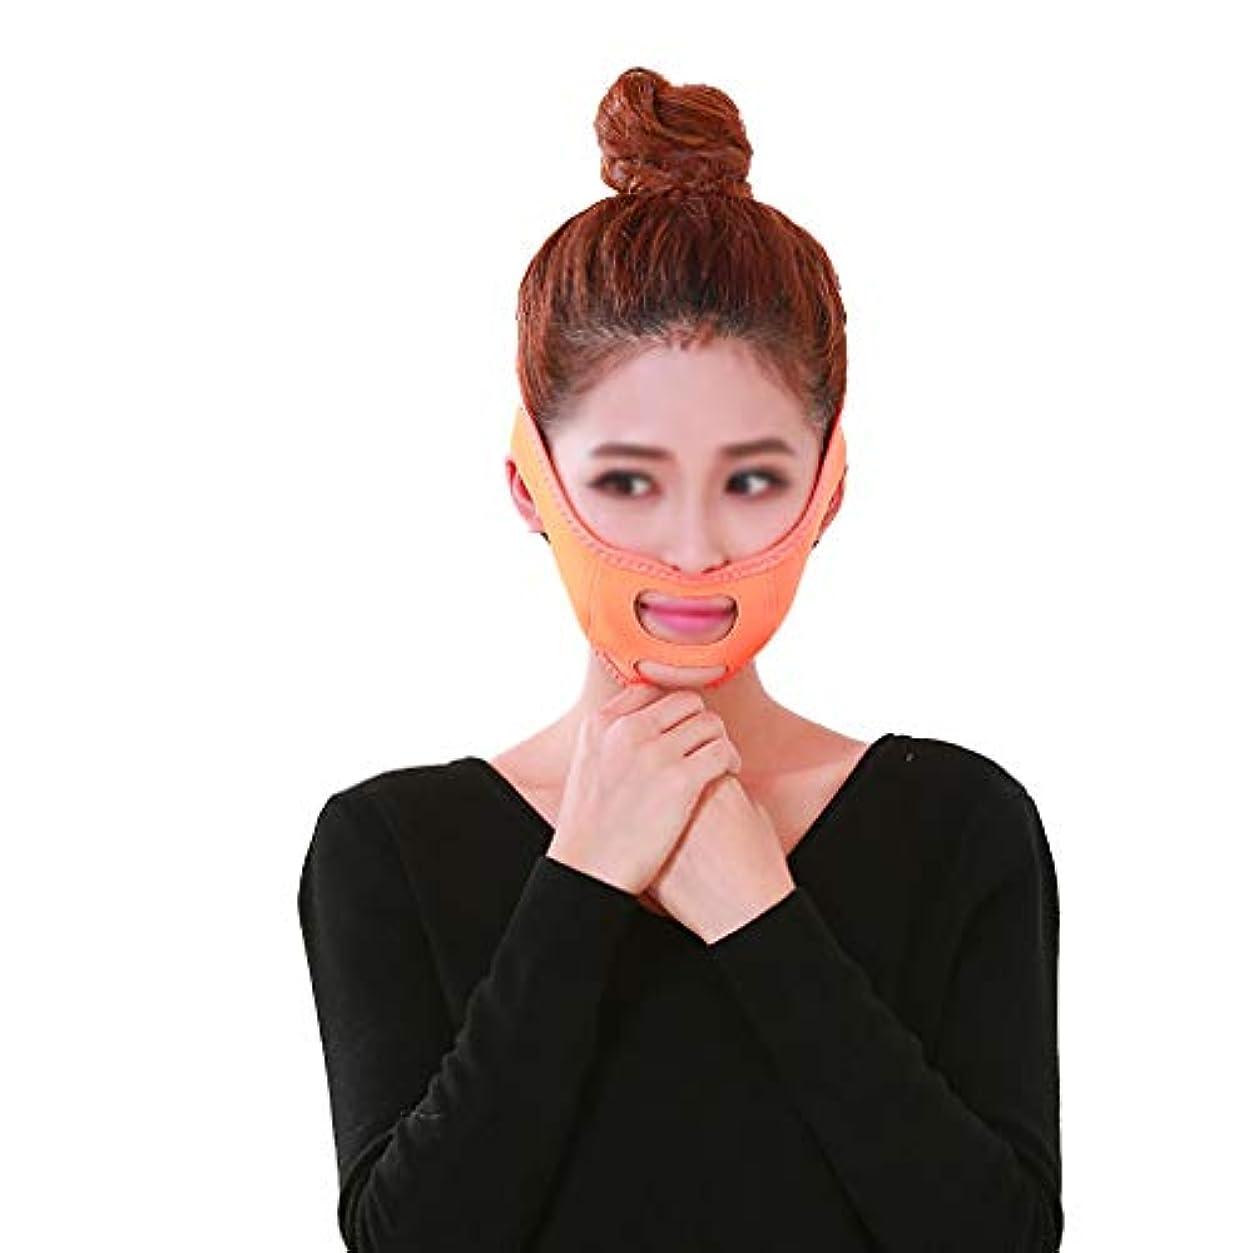 モチーフ極端なアクティビティフェイスリフトフェイシャル、肌のリラクゼーションを防ぐVフェイスマスクVフェイスアーチファクトフェイスリフト包帯フェイスケア (Color : Orange)